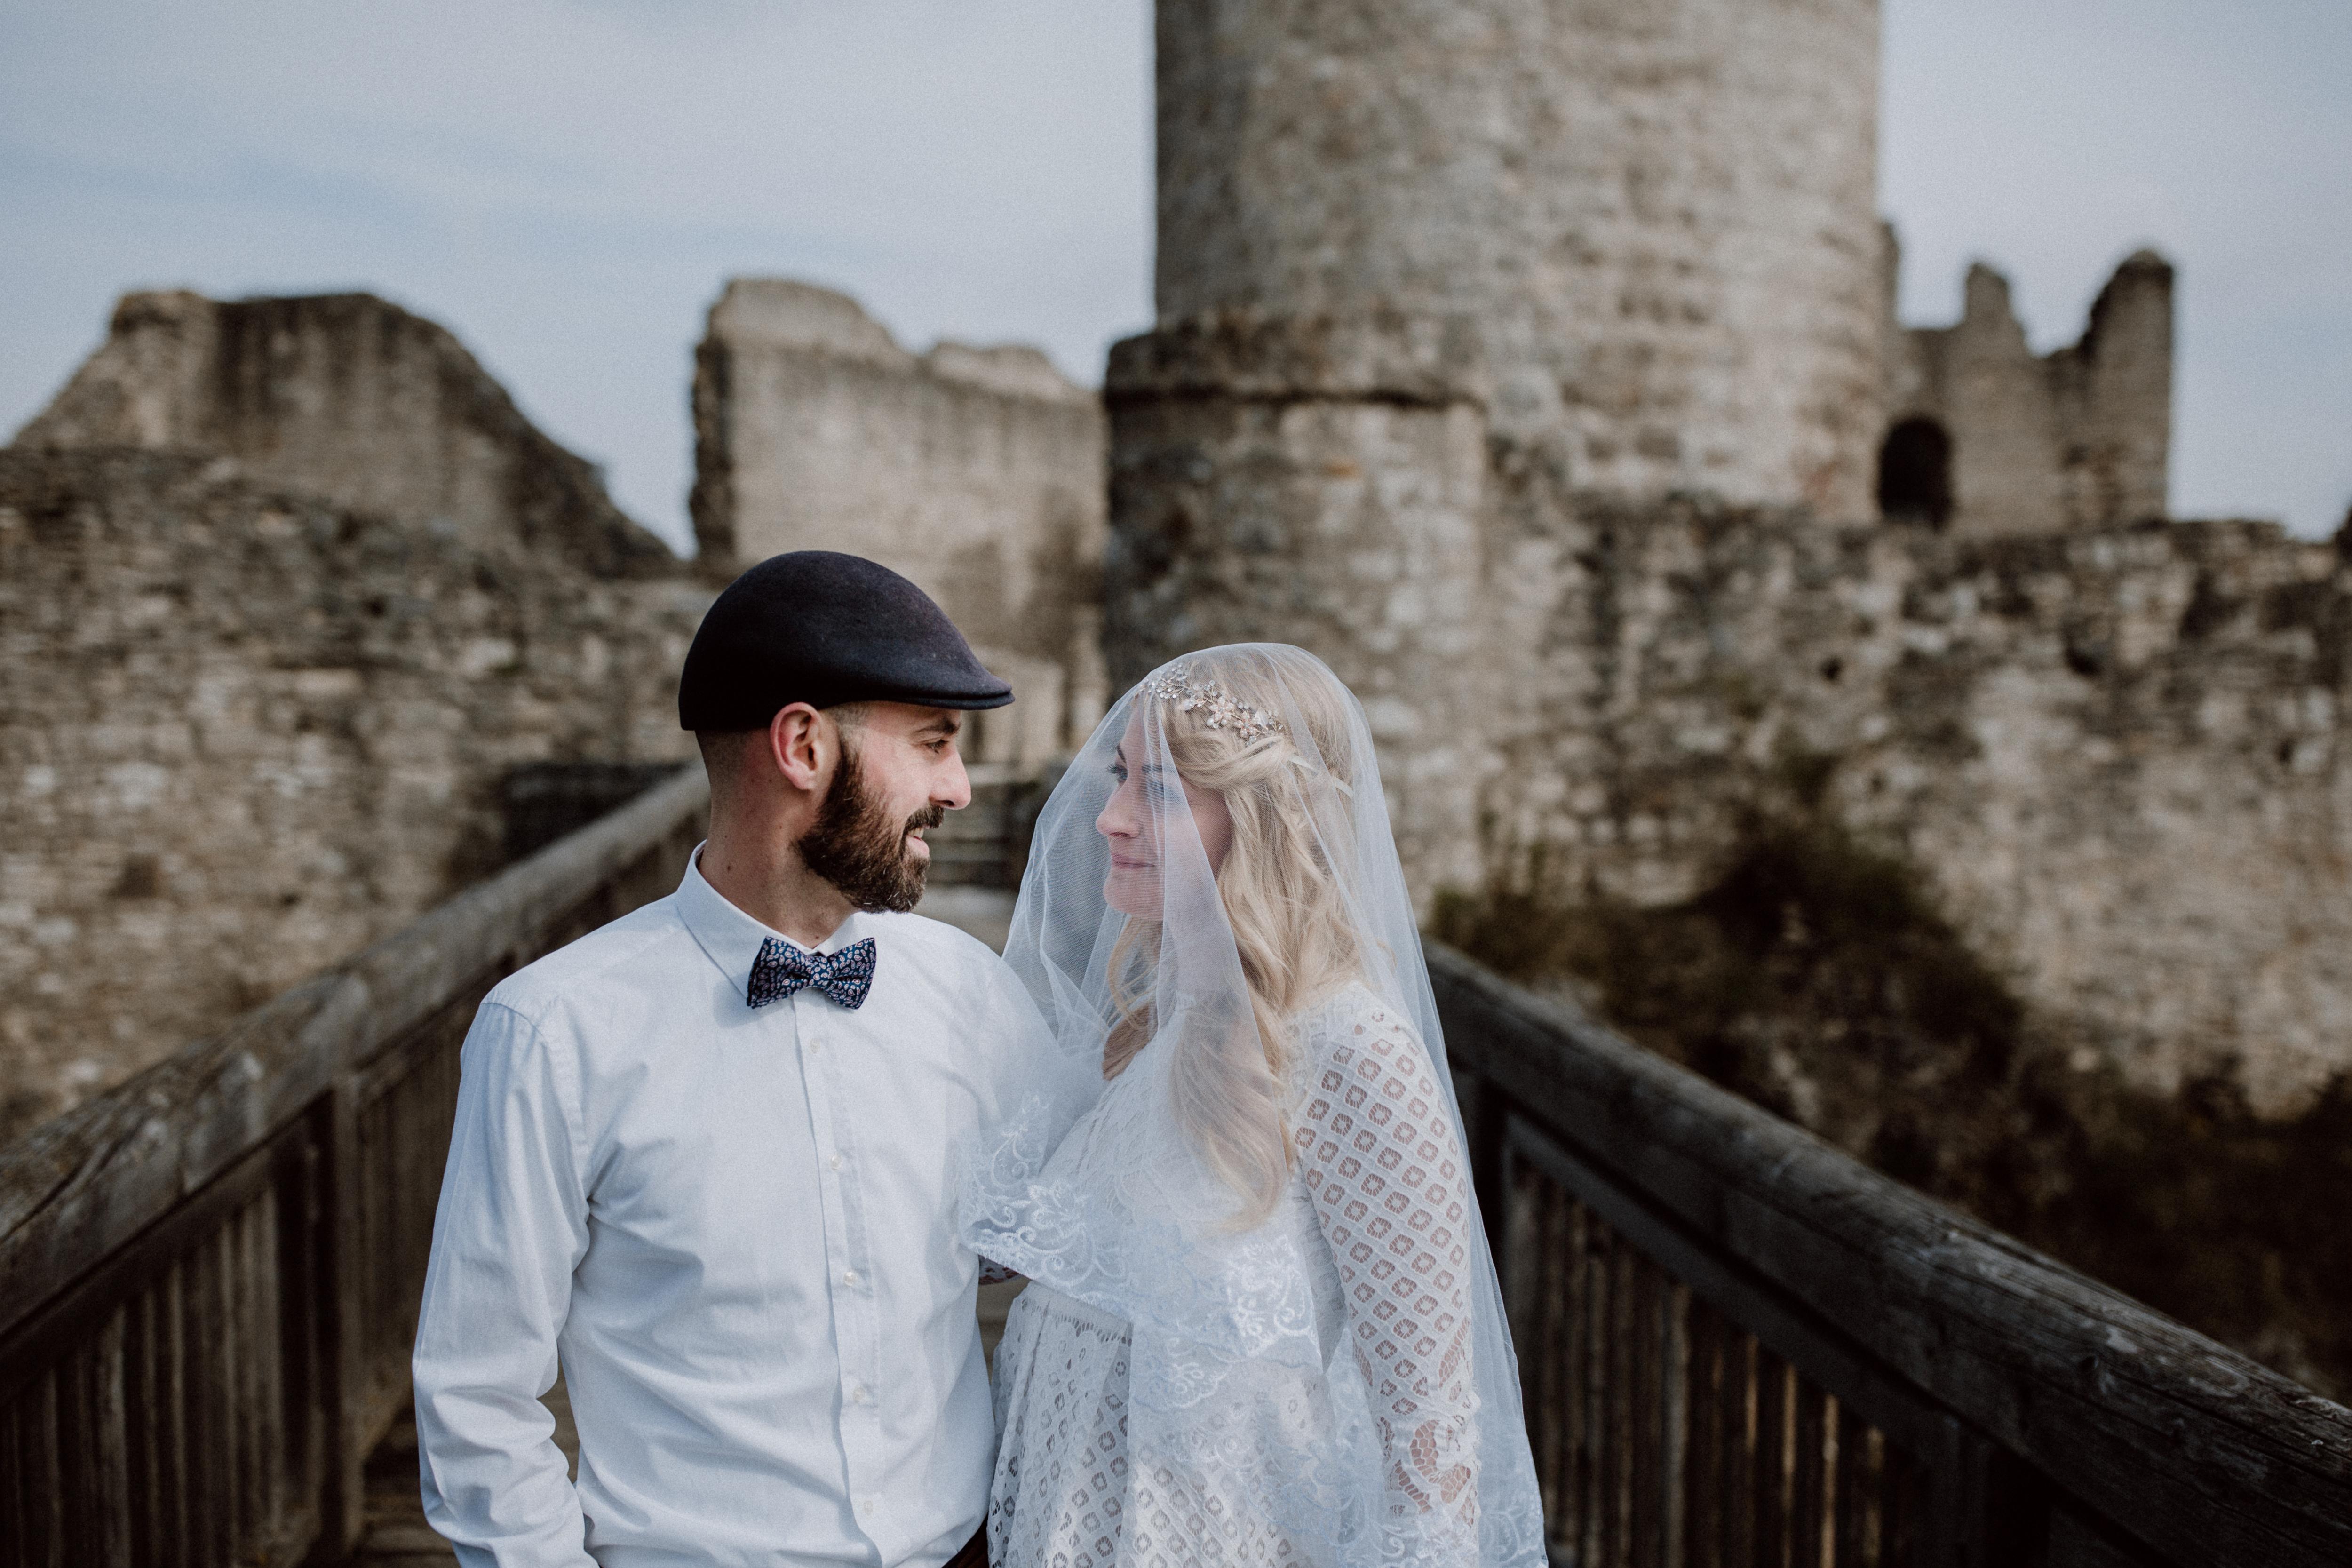 URBANERIE_Daniela_Goth_Hochzeitsfotografin_Nürnberg_Fürth_Erlangen_Schwabach_170415_001_0070